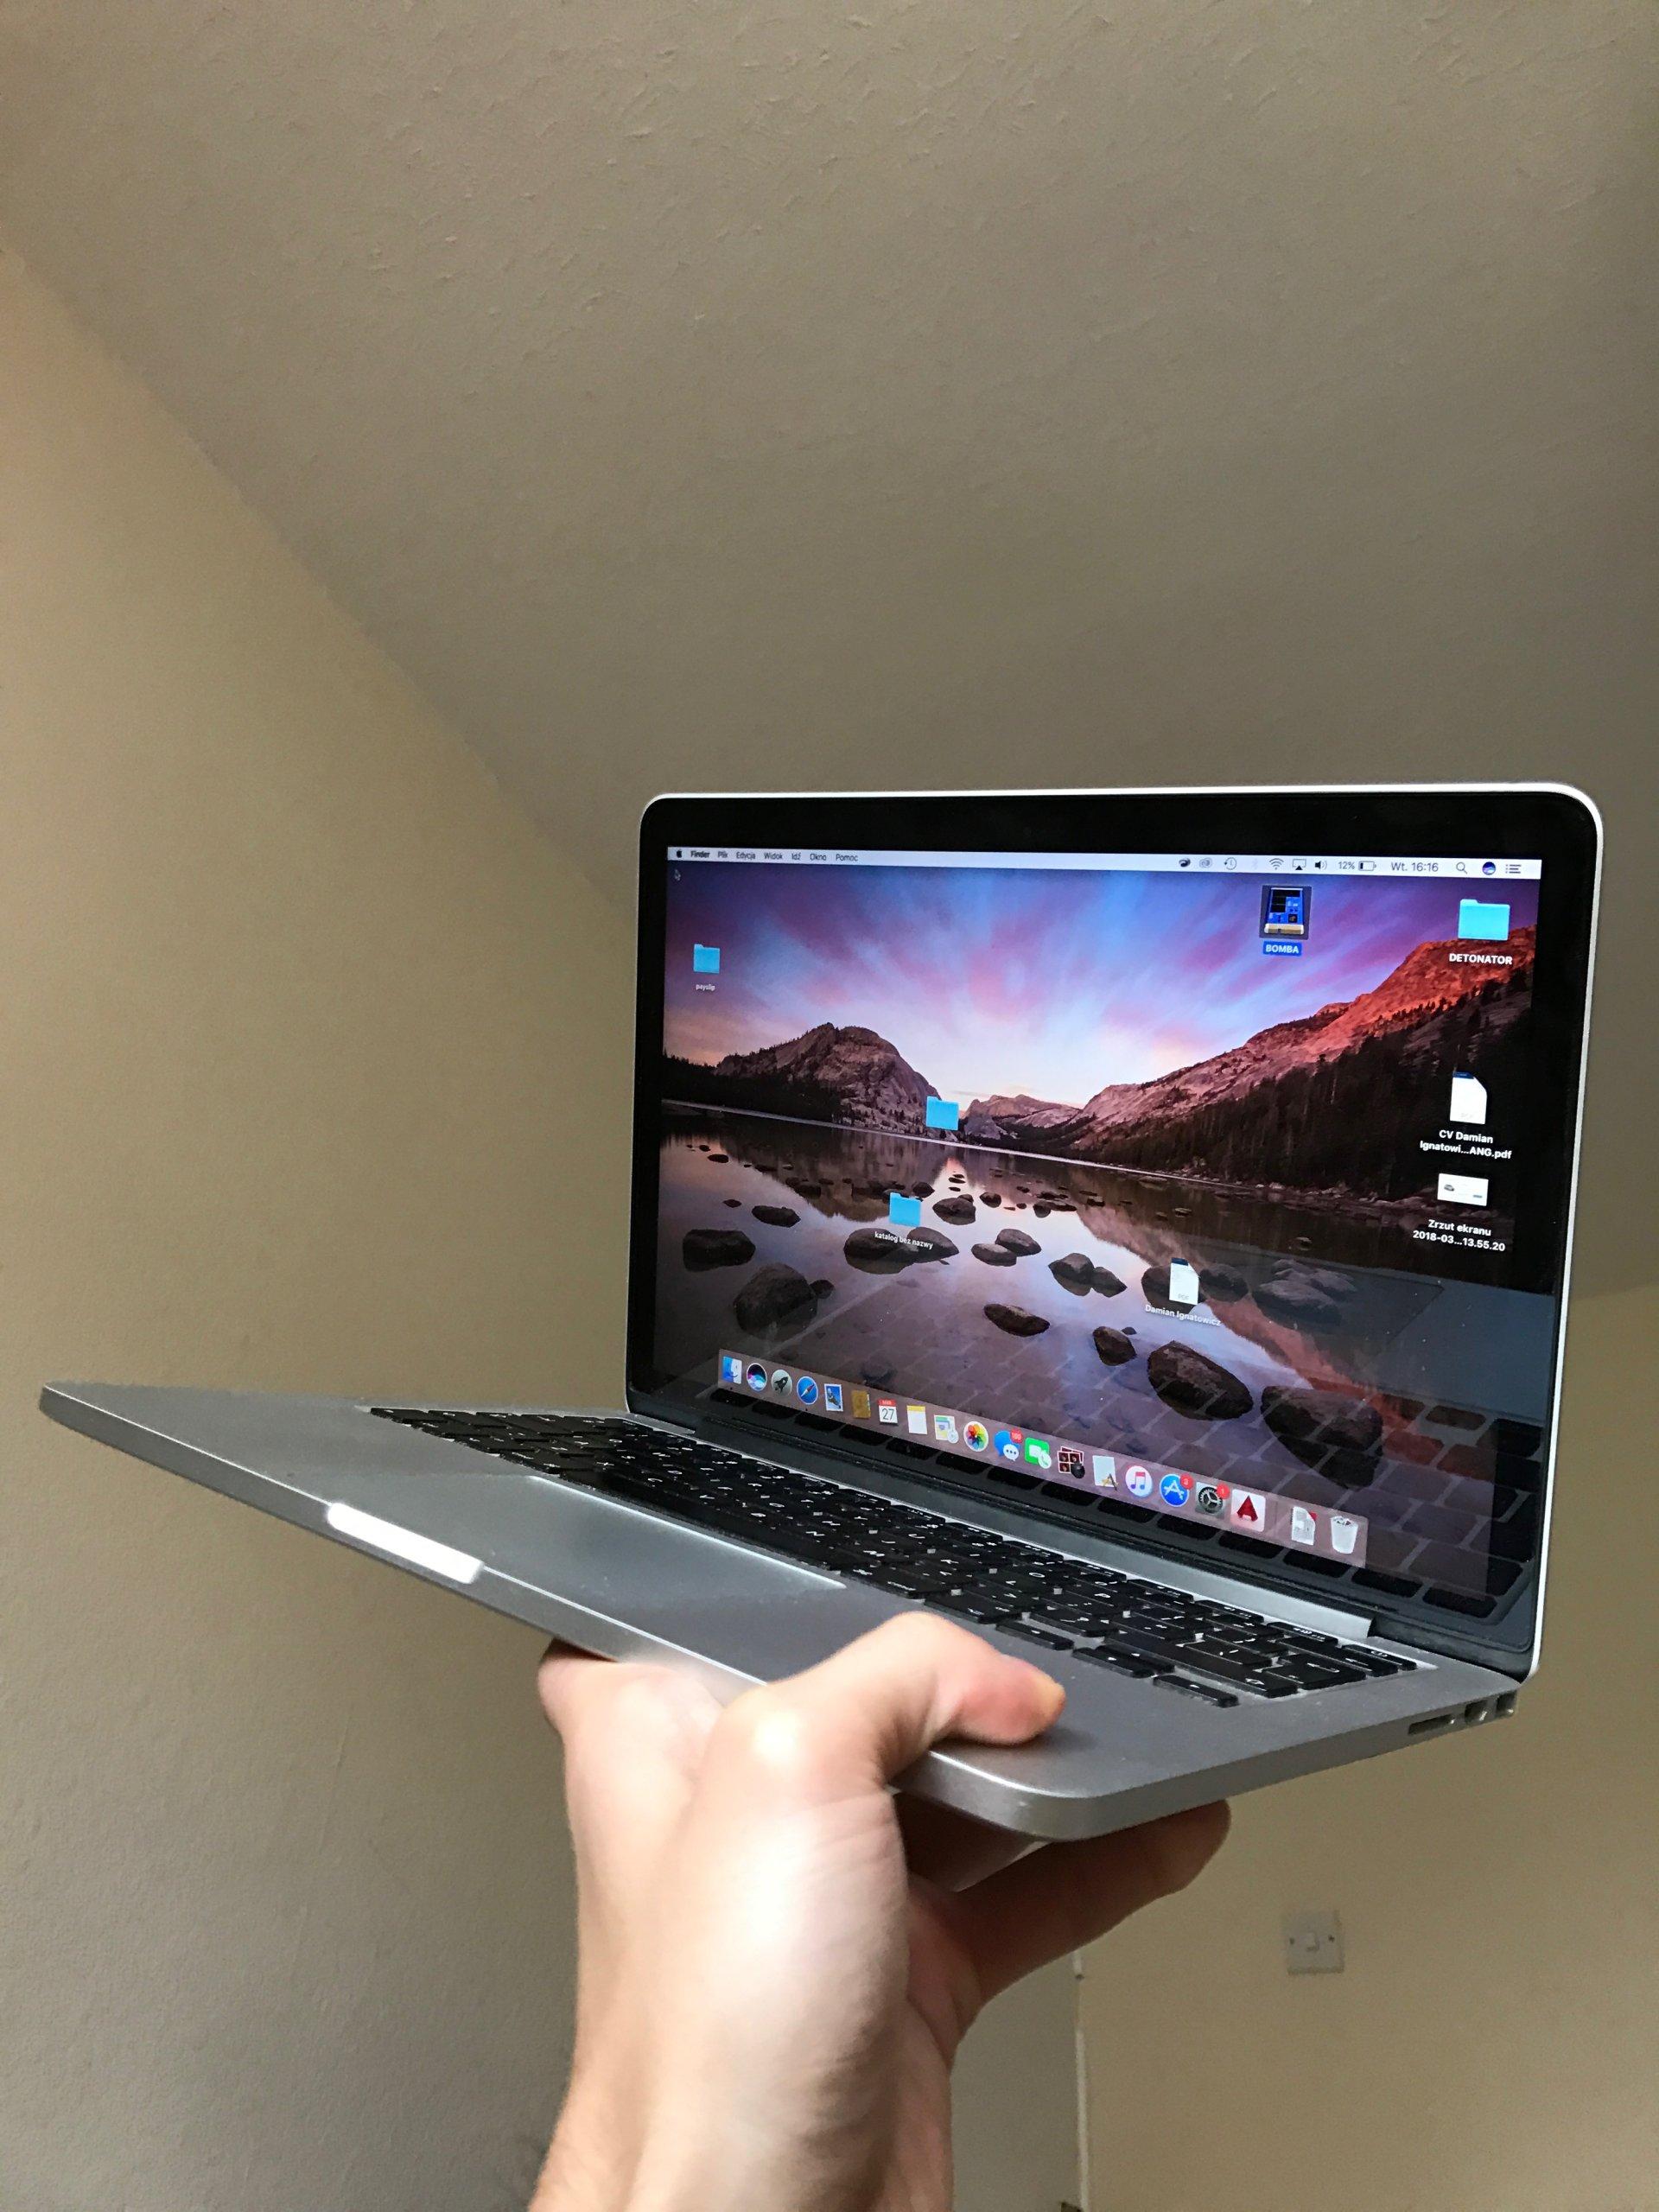 Macbookbook pro 13'' Retina 4GB, 240GB , Late 2013